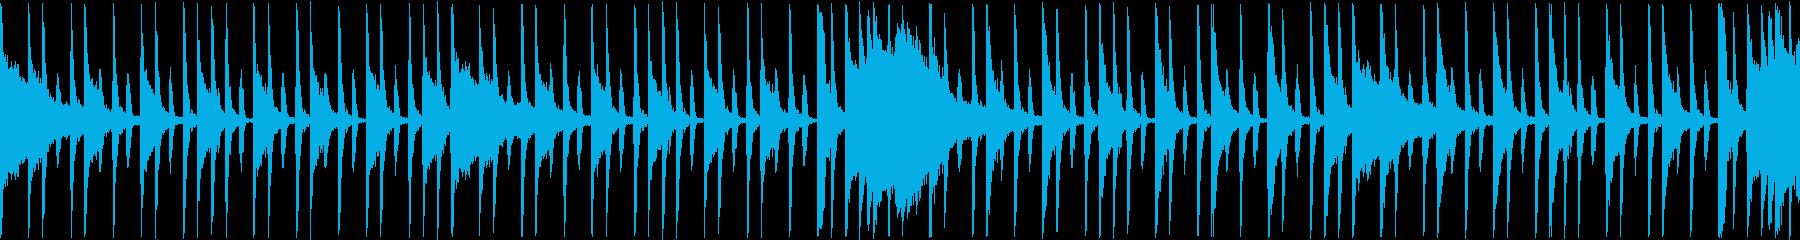 ロックドラム系のループBGMの再生済みの波形